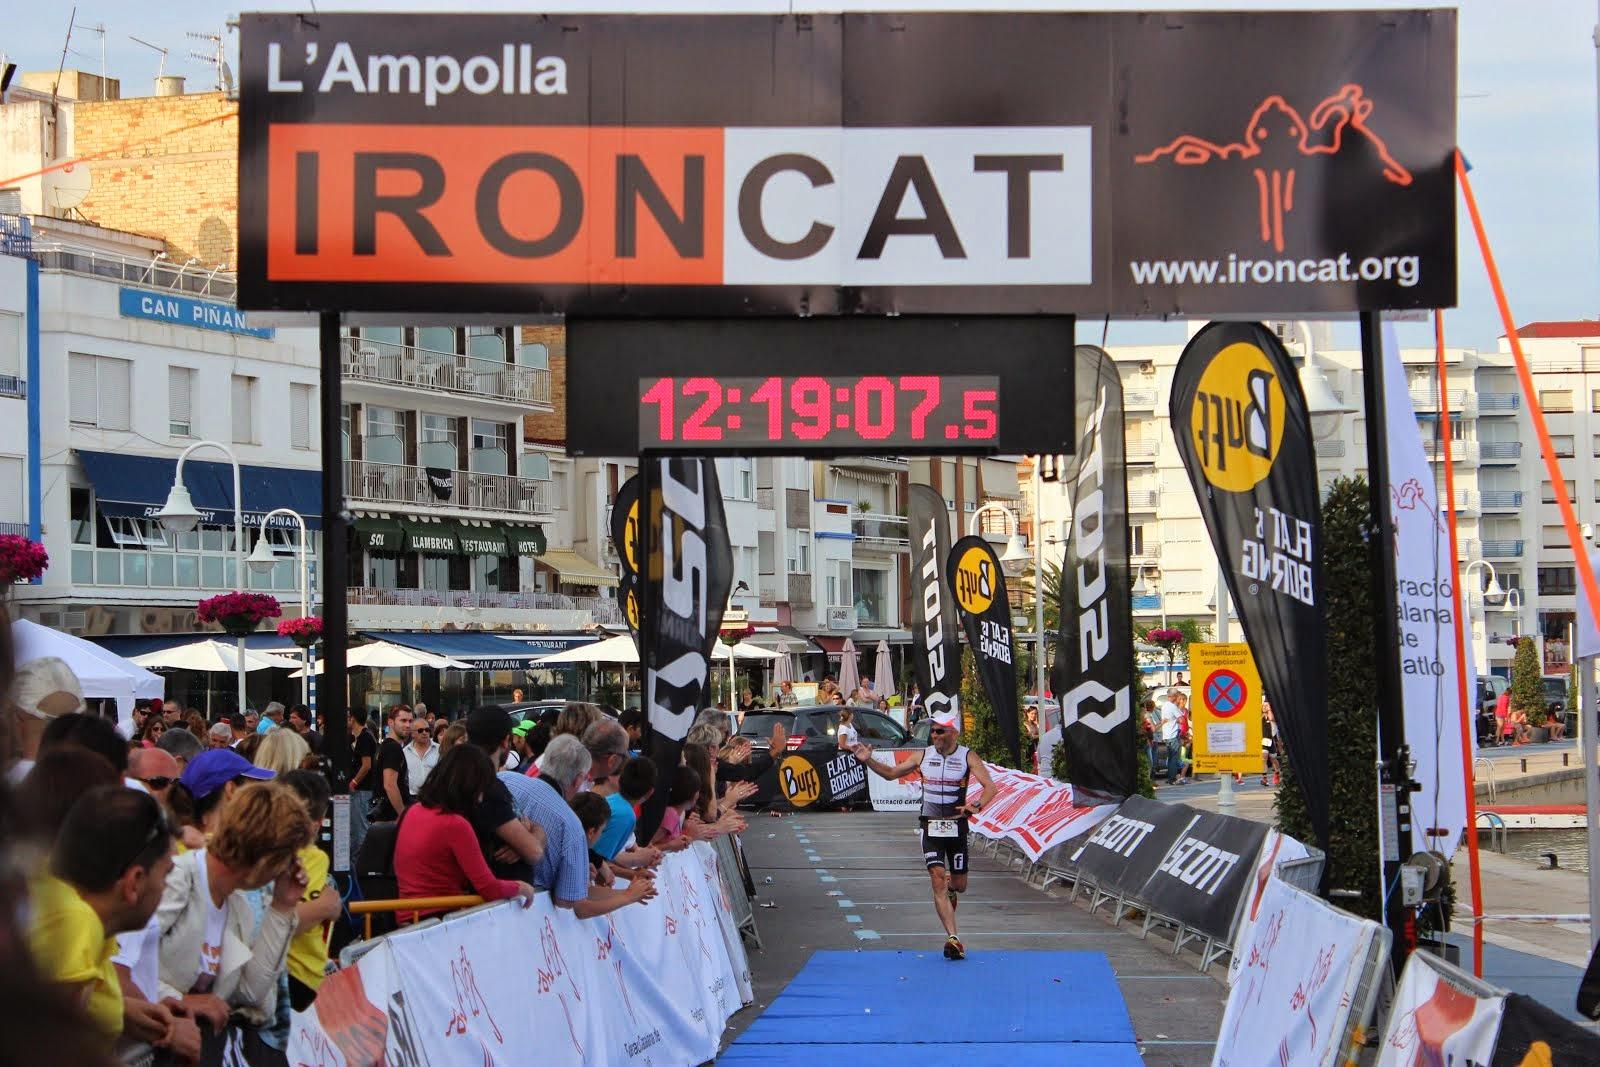 iron-cat 2014